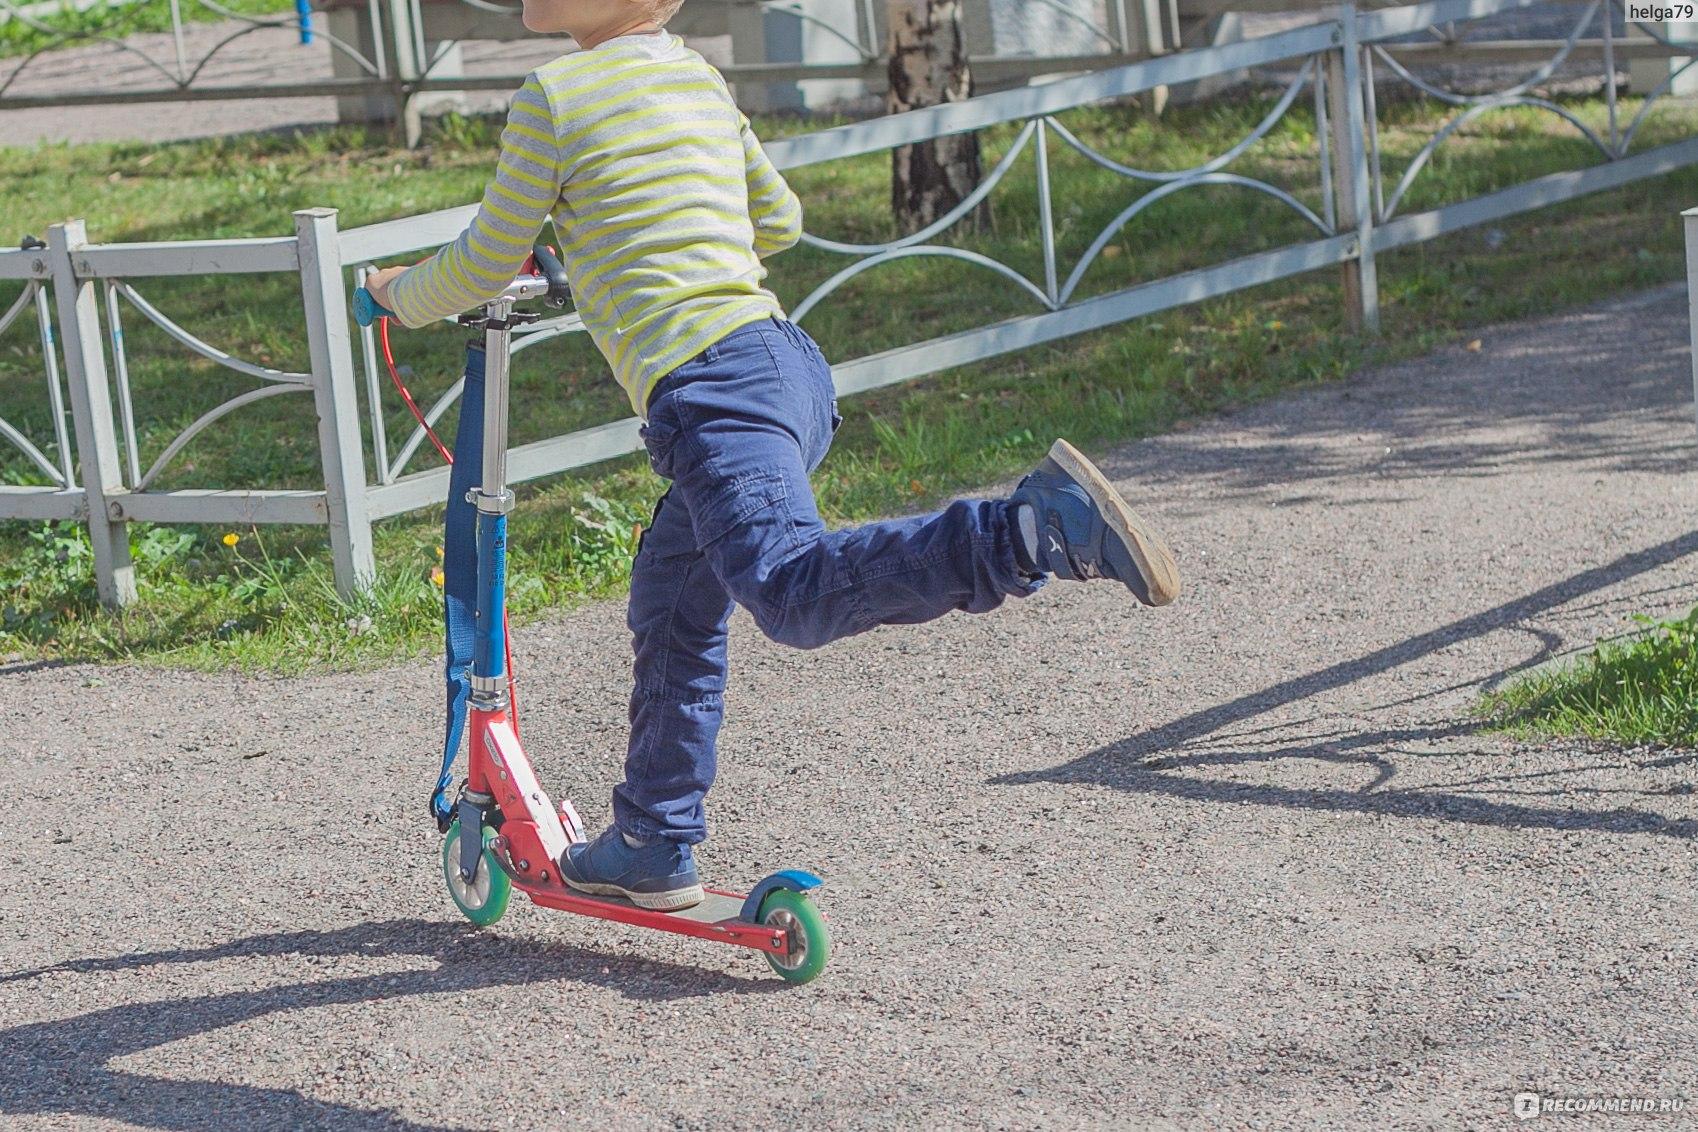 Самокат для 3 летнего ребенка: рейтинг трехколесных моделей для детей до трех лет, правила выбора, обзор производителей